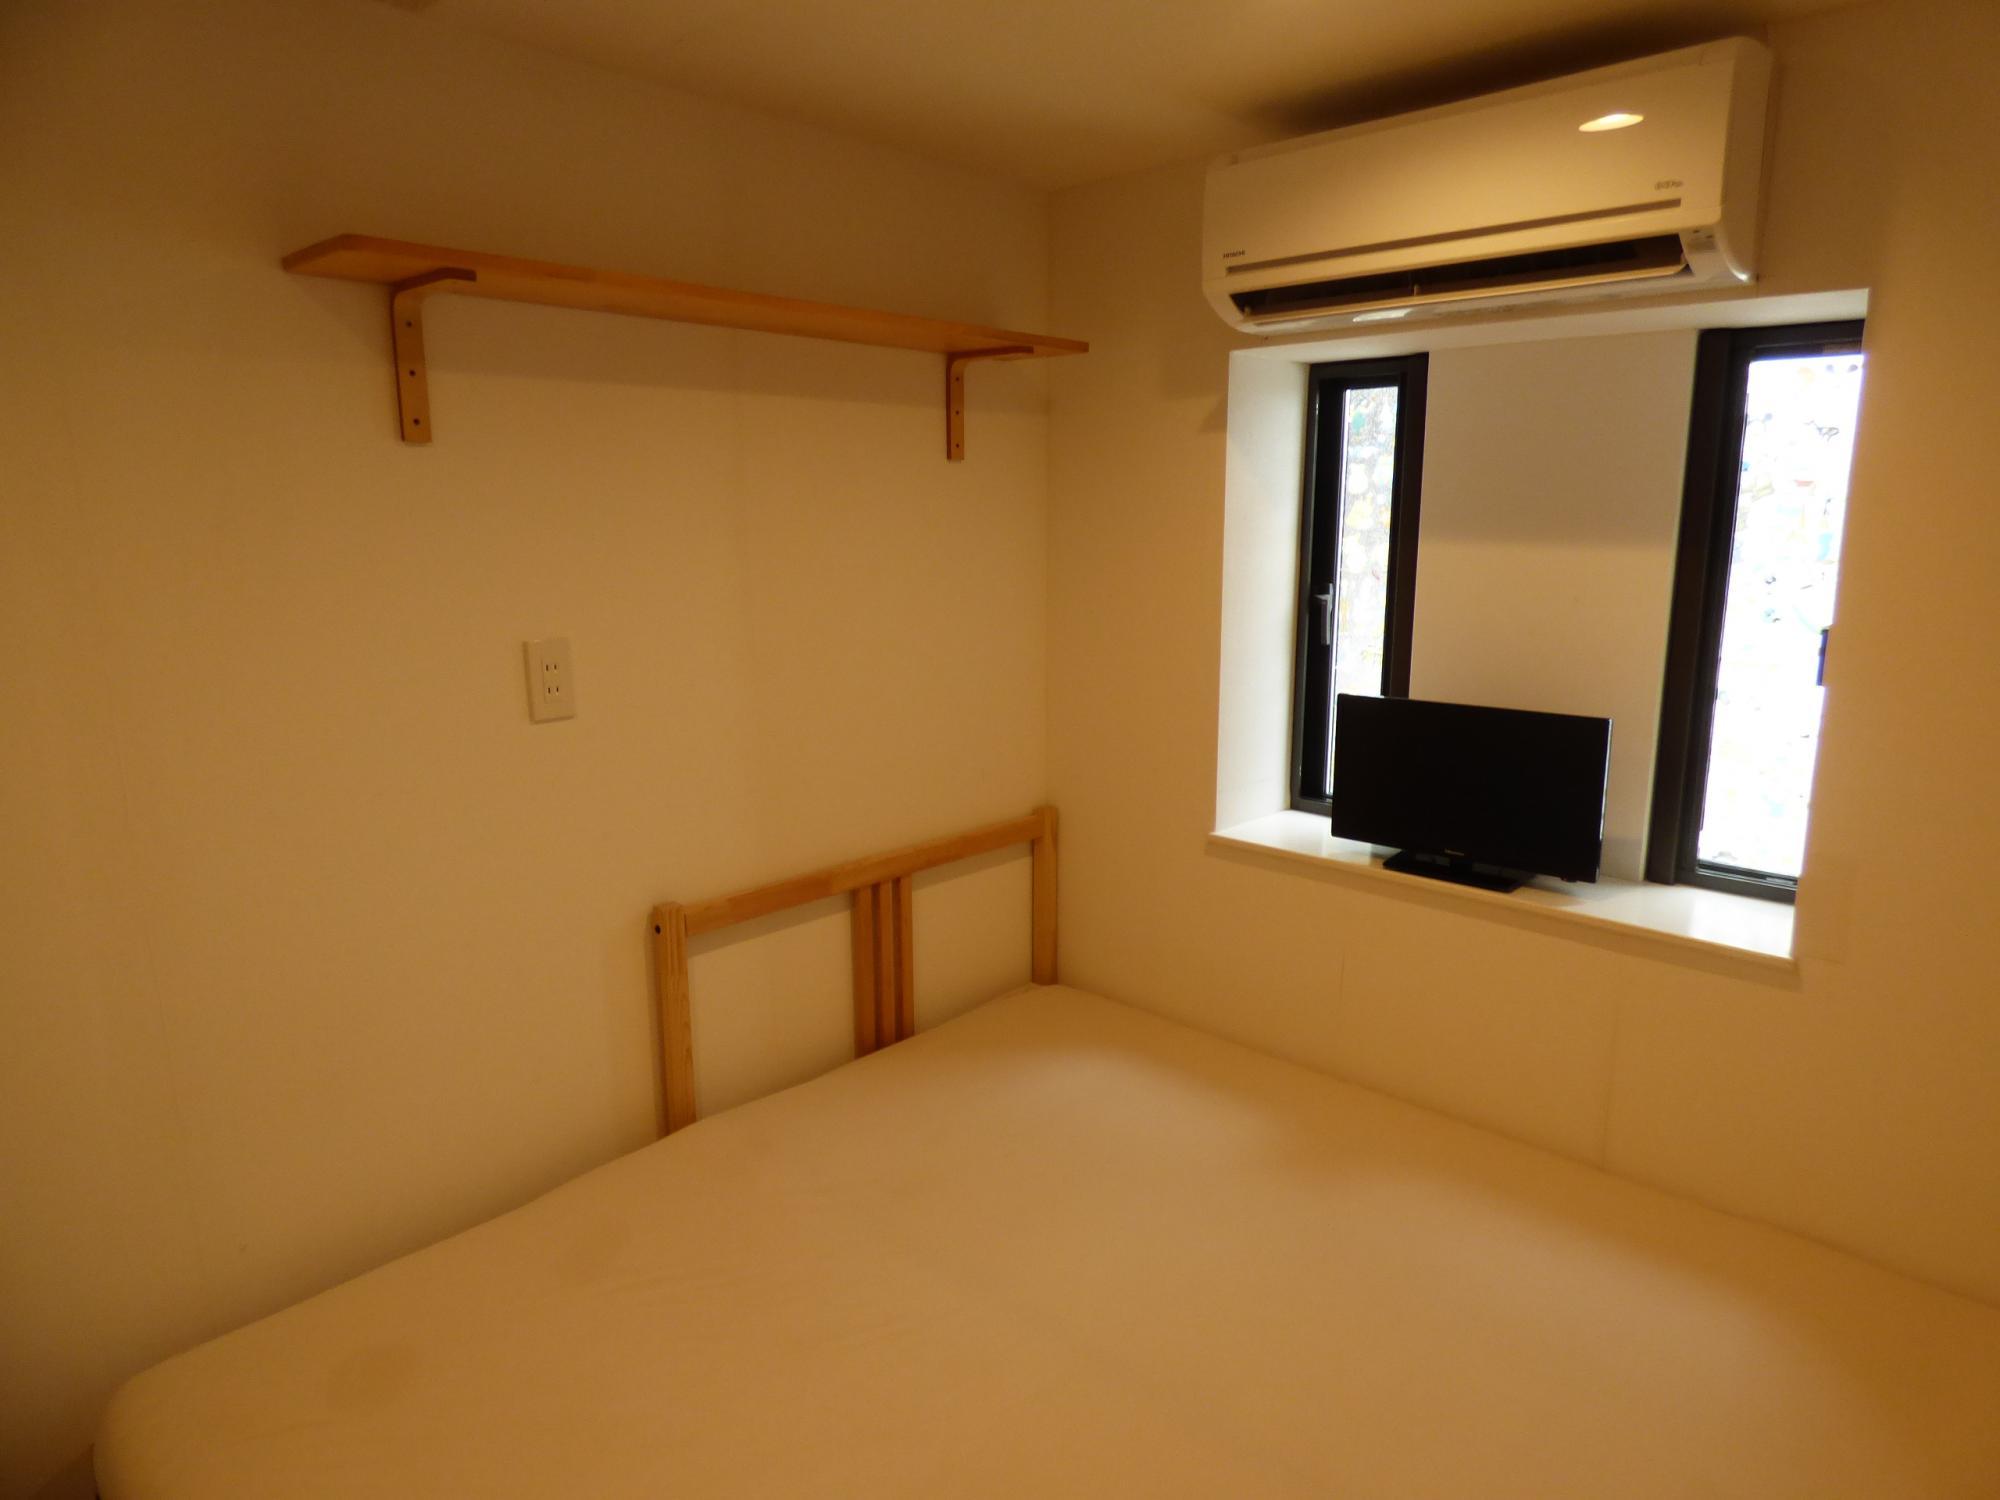 寝室には出窓を設置しました。その出窓には、縦滑り出し窓で採風効果も抜群です。